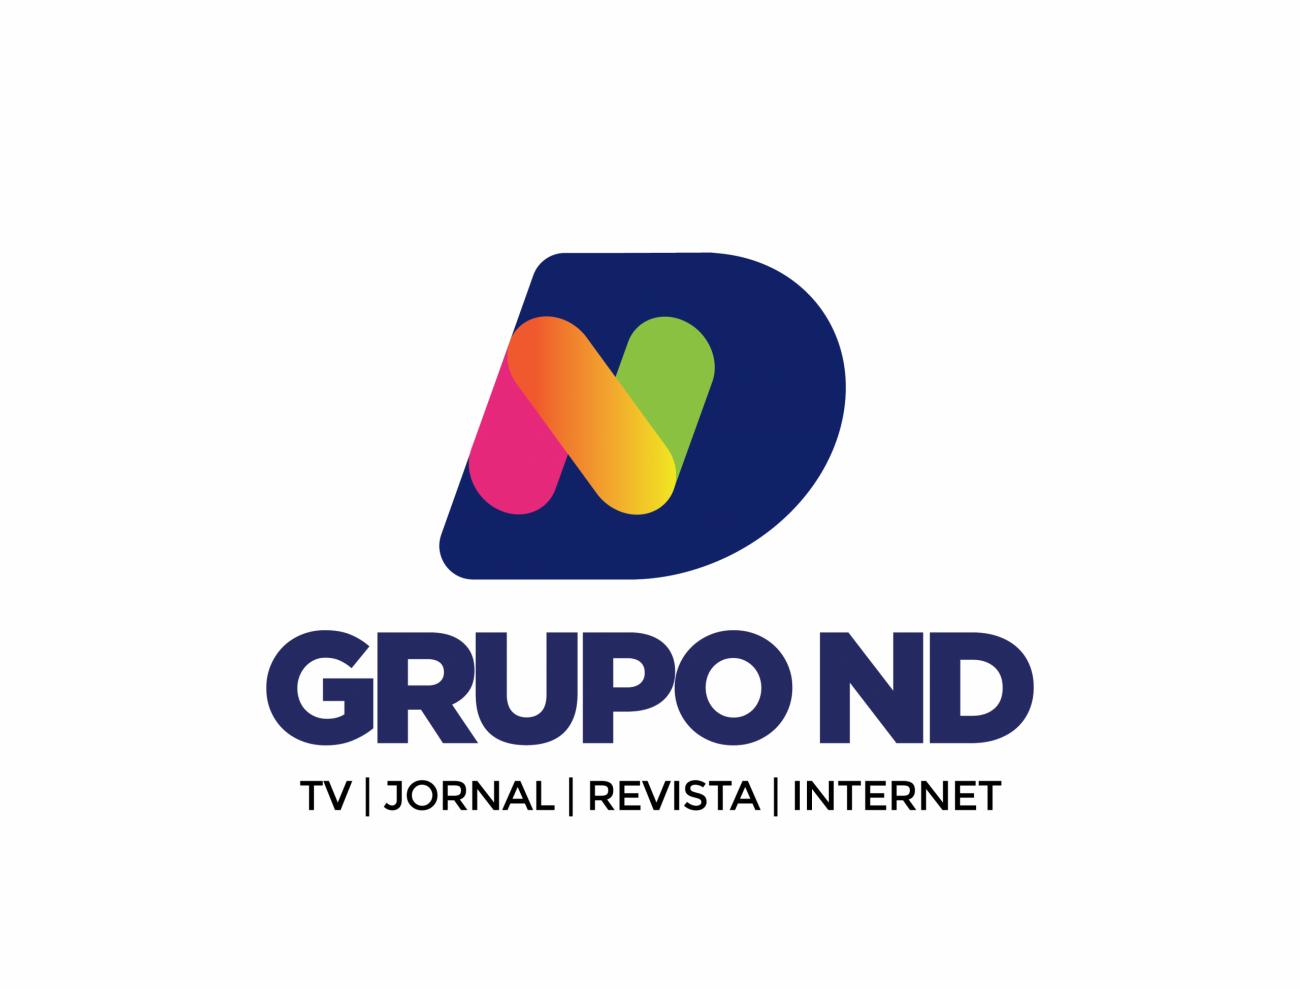 """No evento foi apresentada a nova identidade visual da marca """"Grupo ND"""" - Divulgação/ND"""